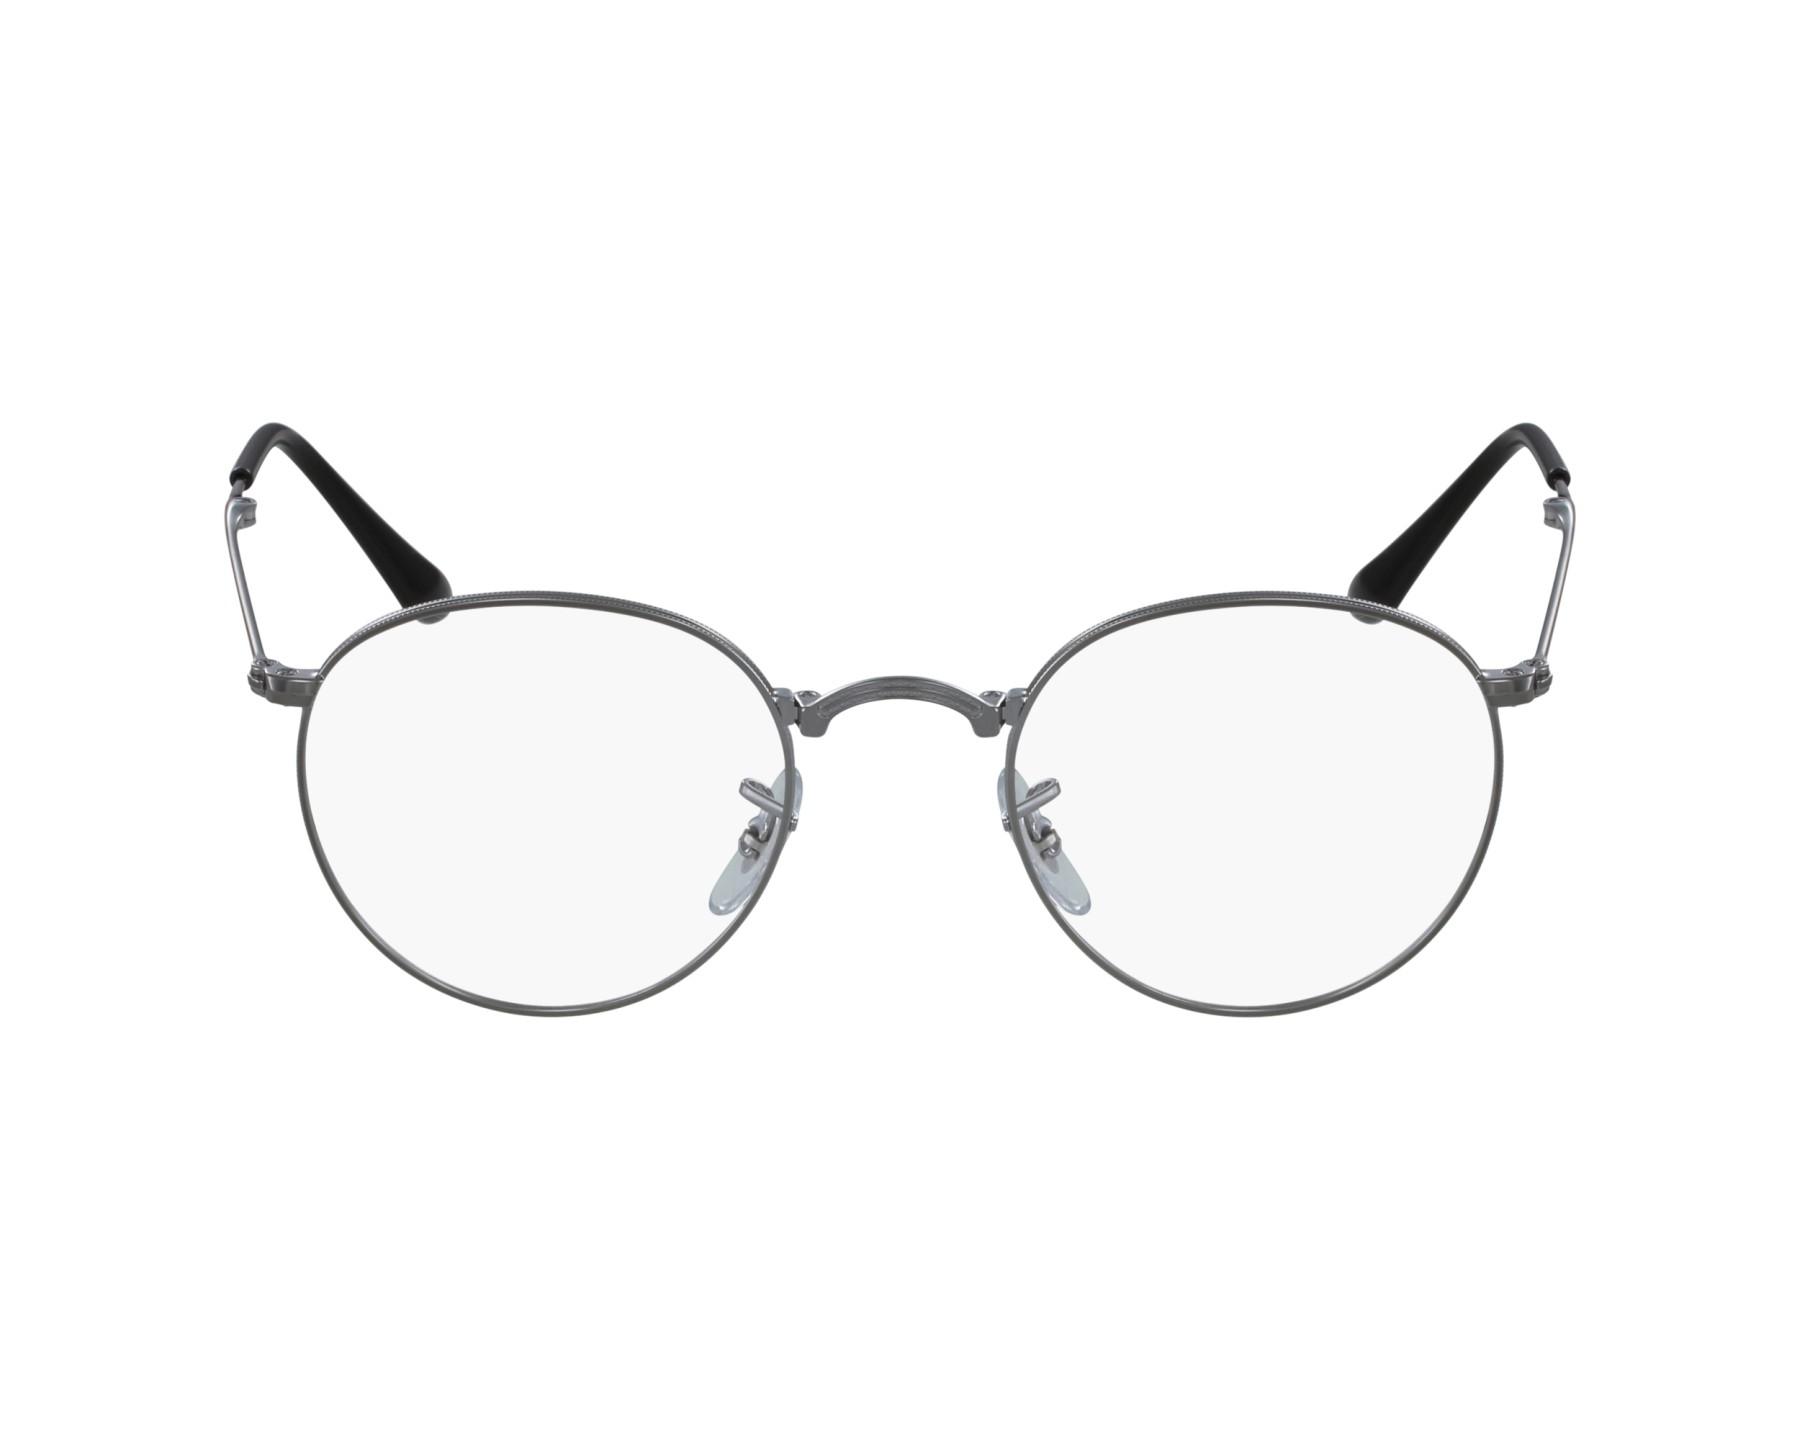 568ba3bc44c eyeglasses Ray-Ban RX-3532 2502 47-20 Silver profile view